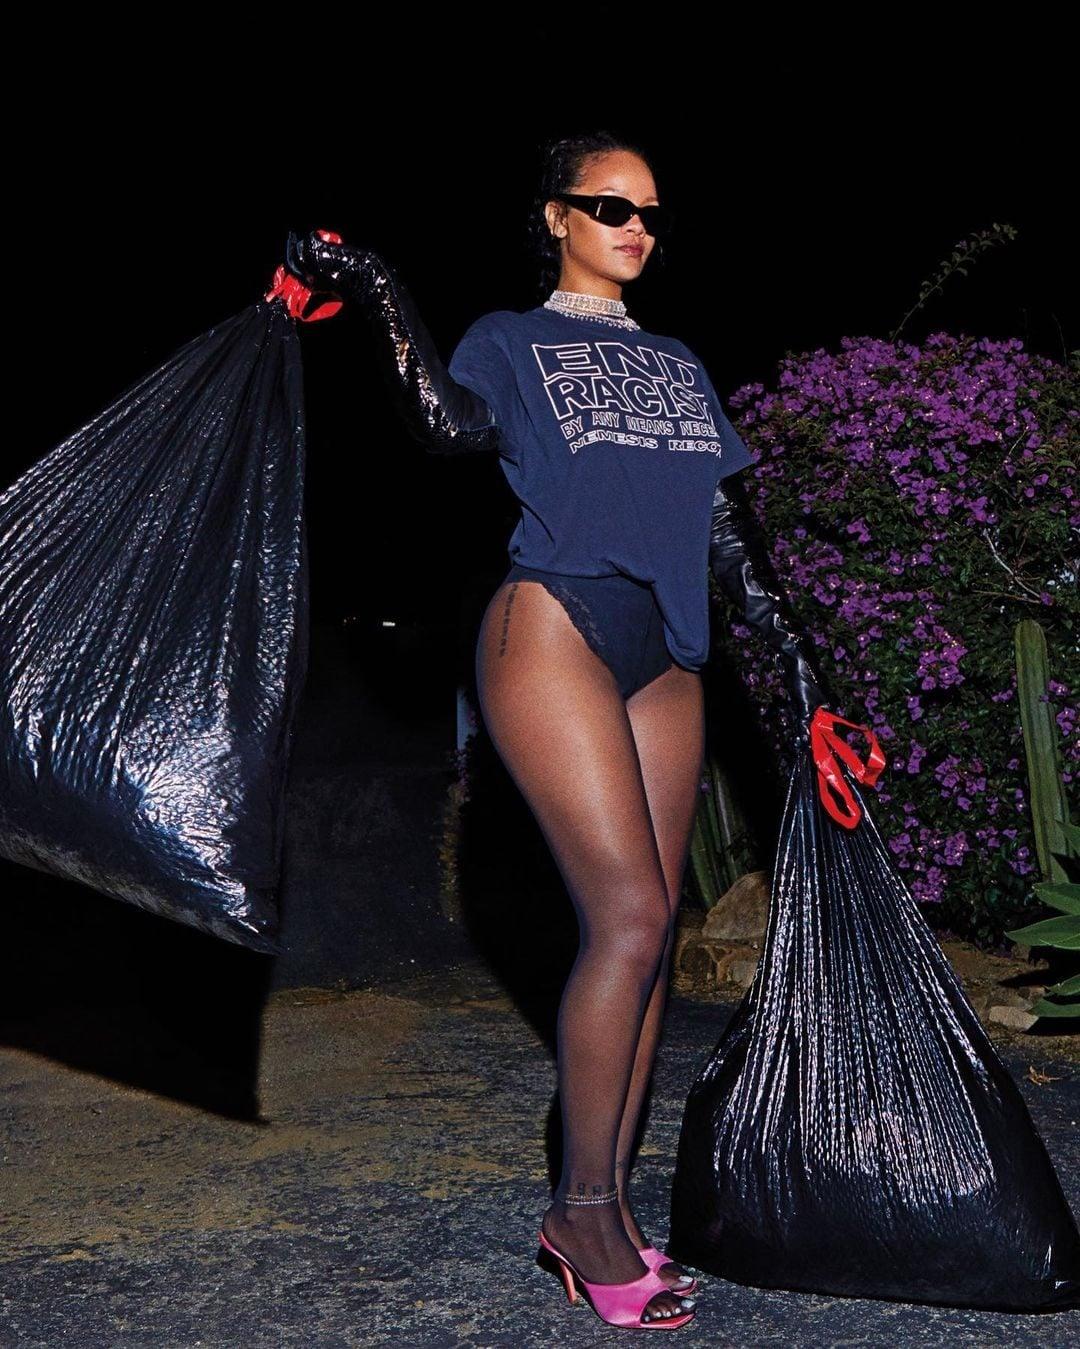 La t–shirt di Rihanna ha un significato simbolico